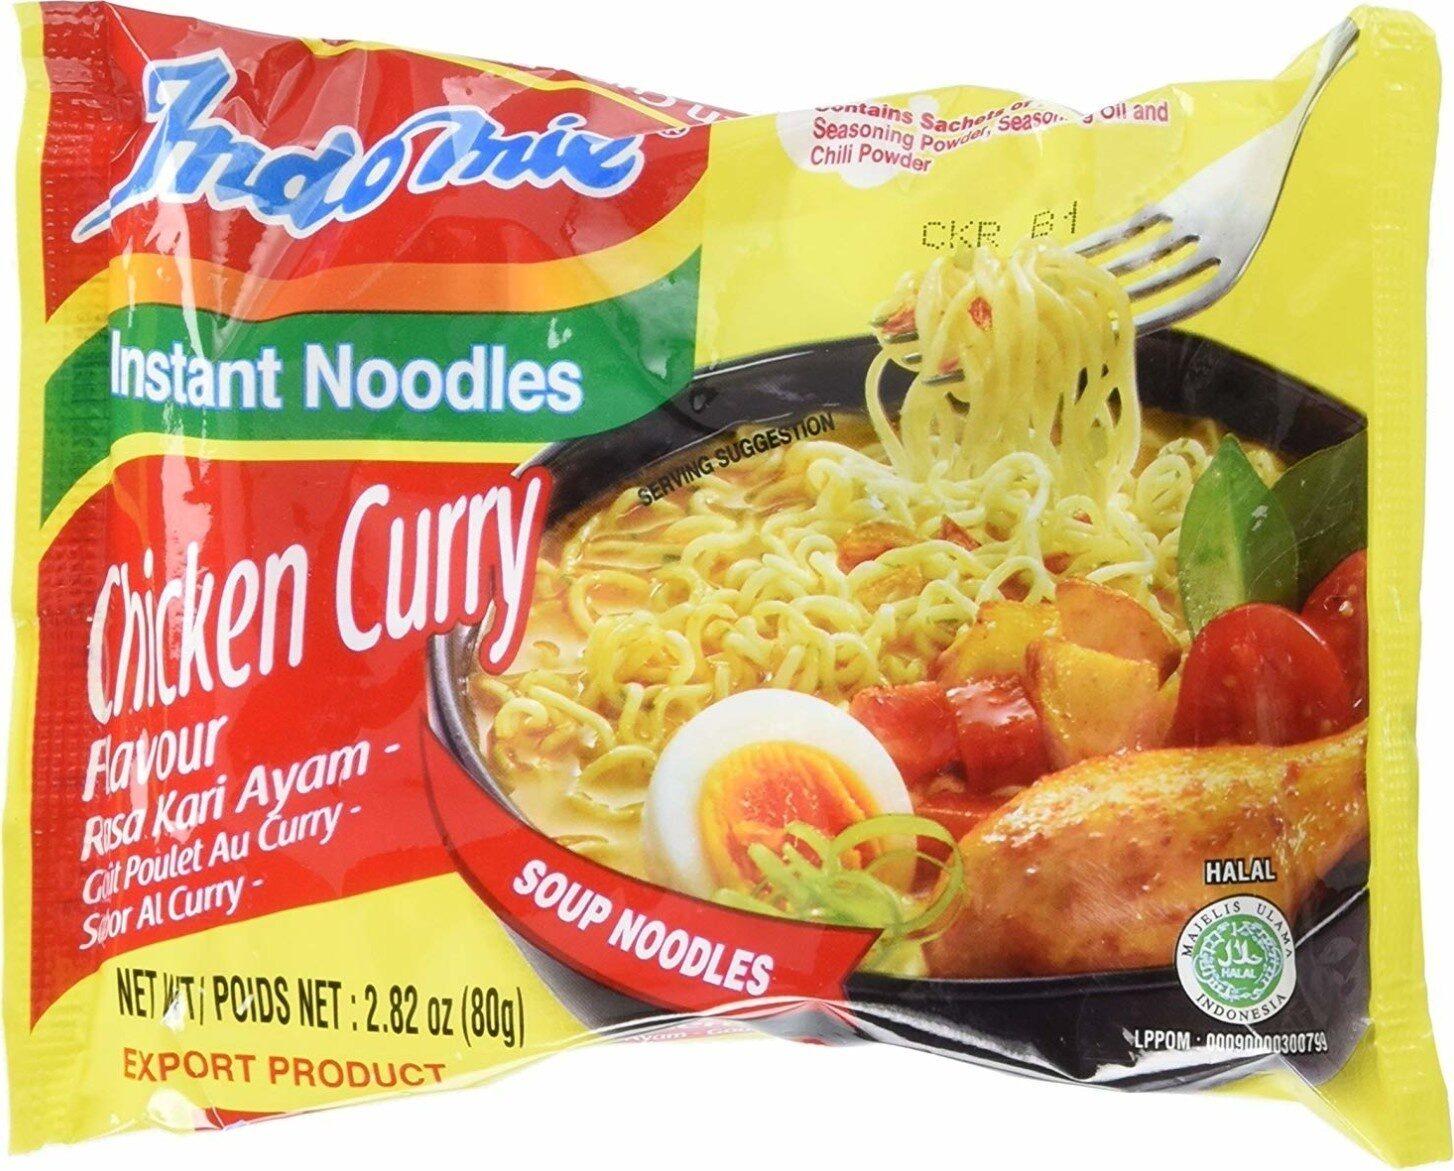 Mi goreng halal instant soup noodles - Product - en